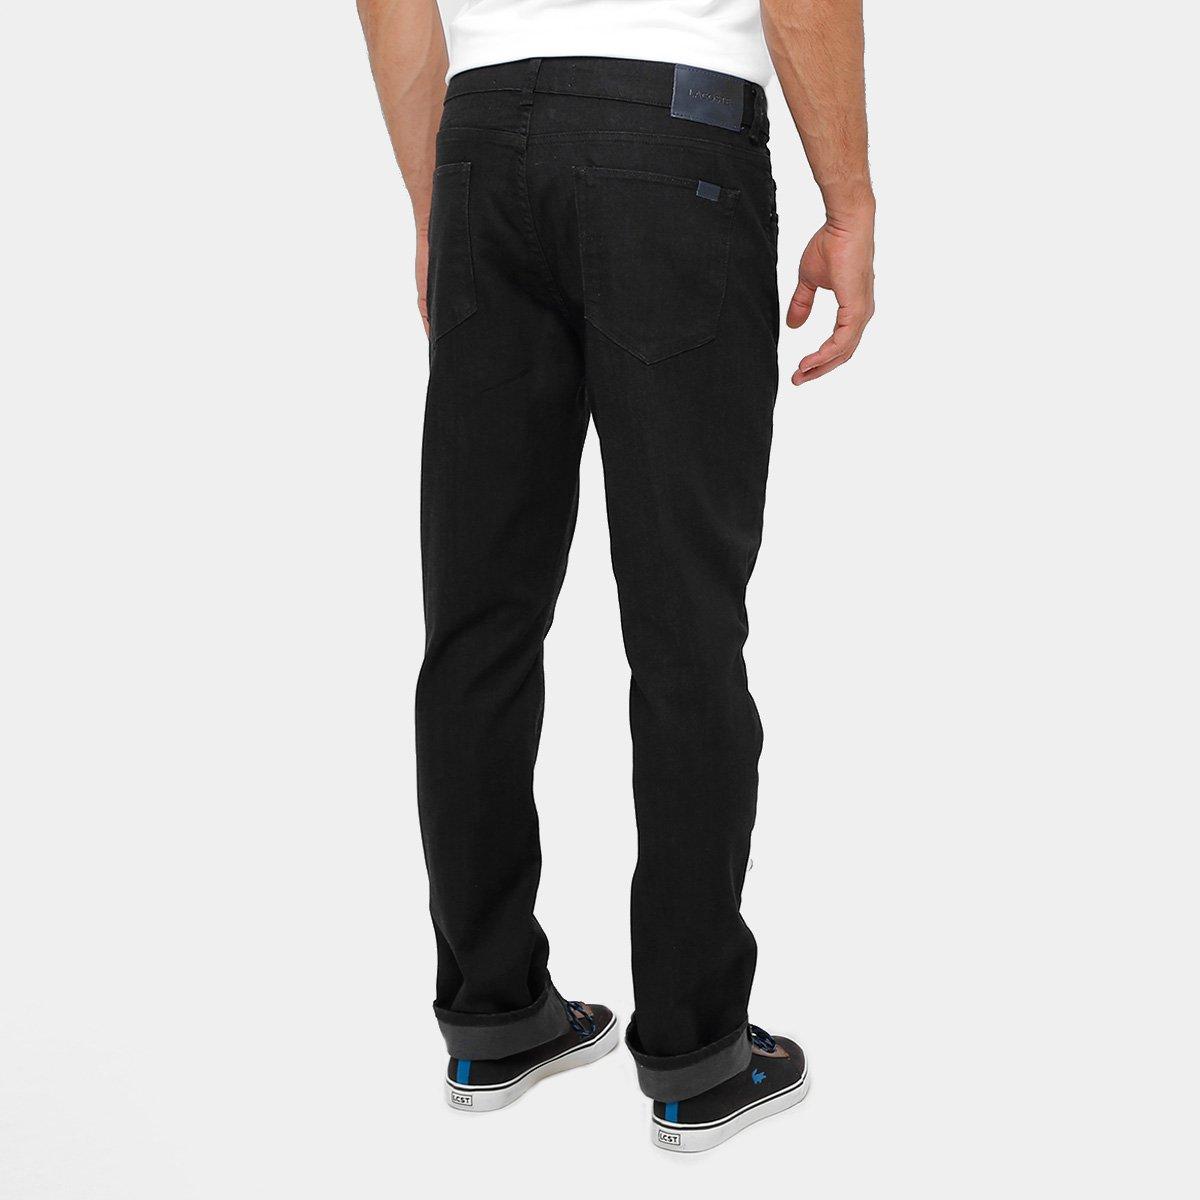 Calça Skinny Lacoste Indigo Color Masculina - Preto - Compre Agora ... d08b111552